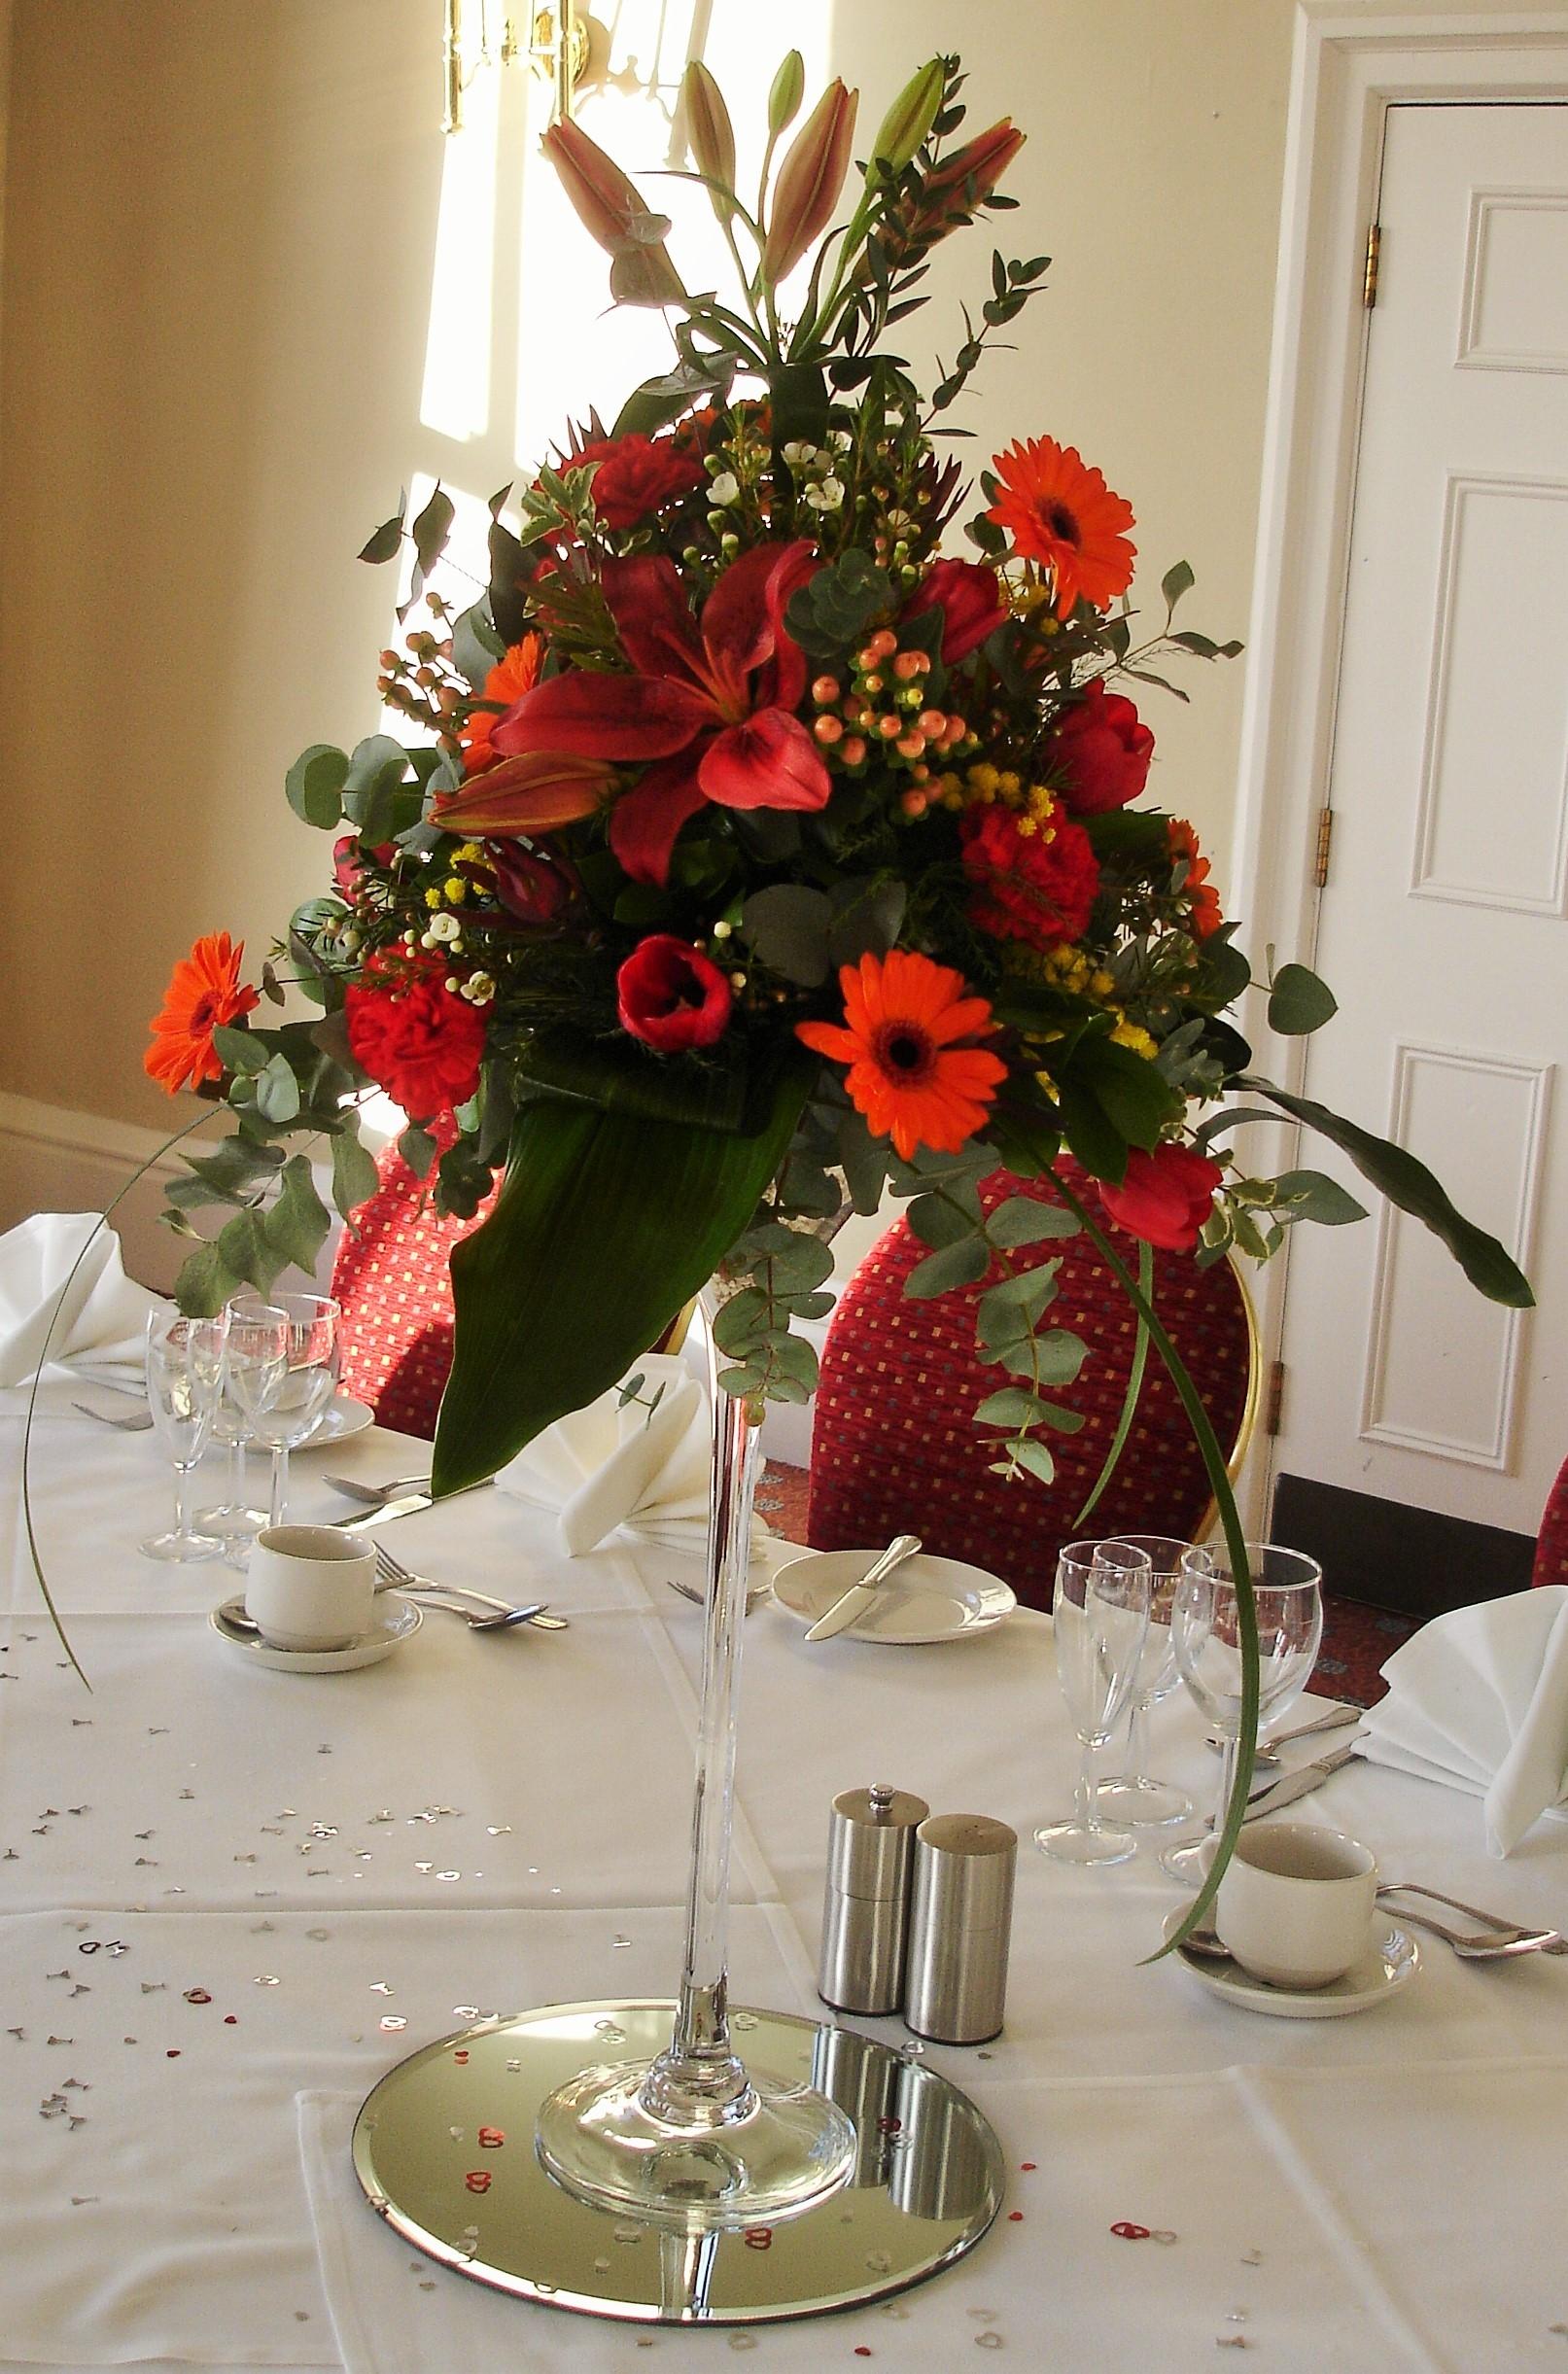 Table Centre Arrangements Belper Florist Derby Flowers